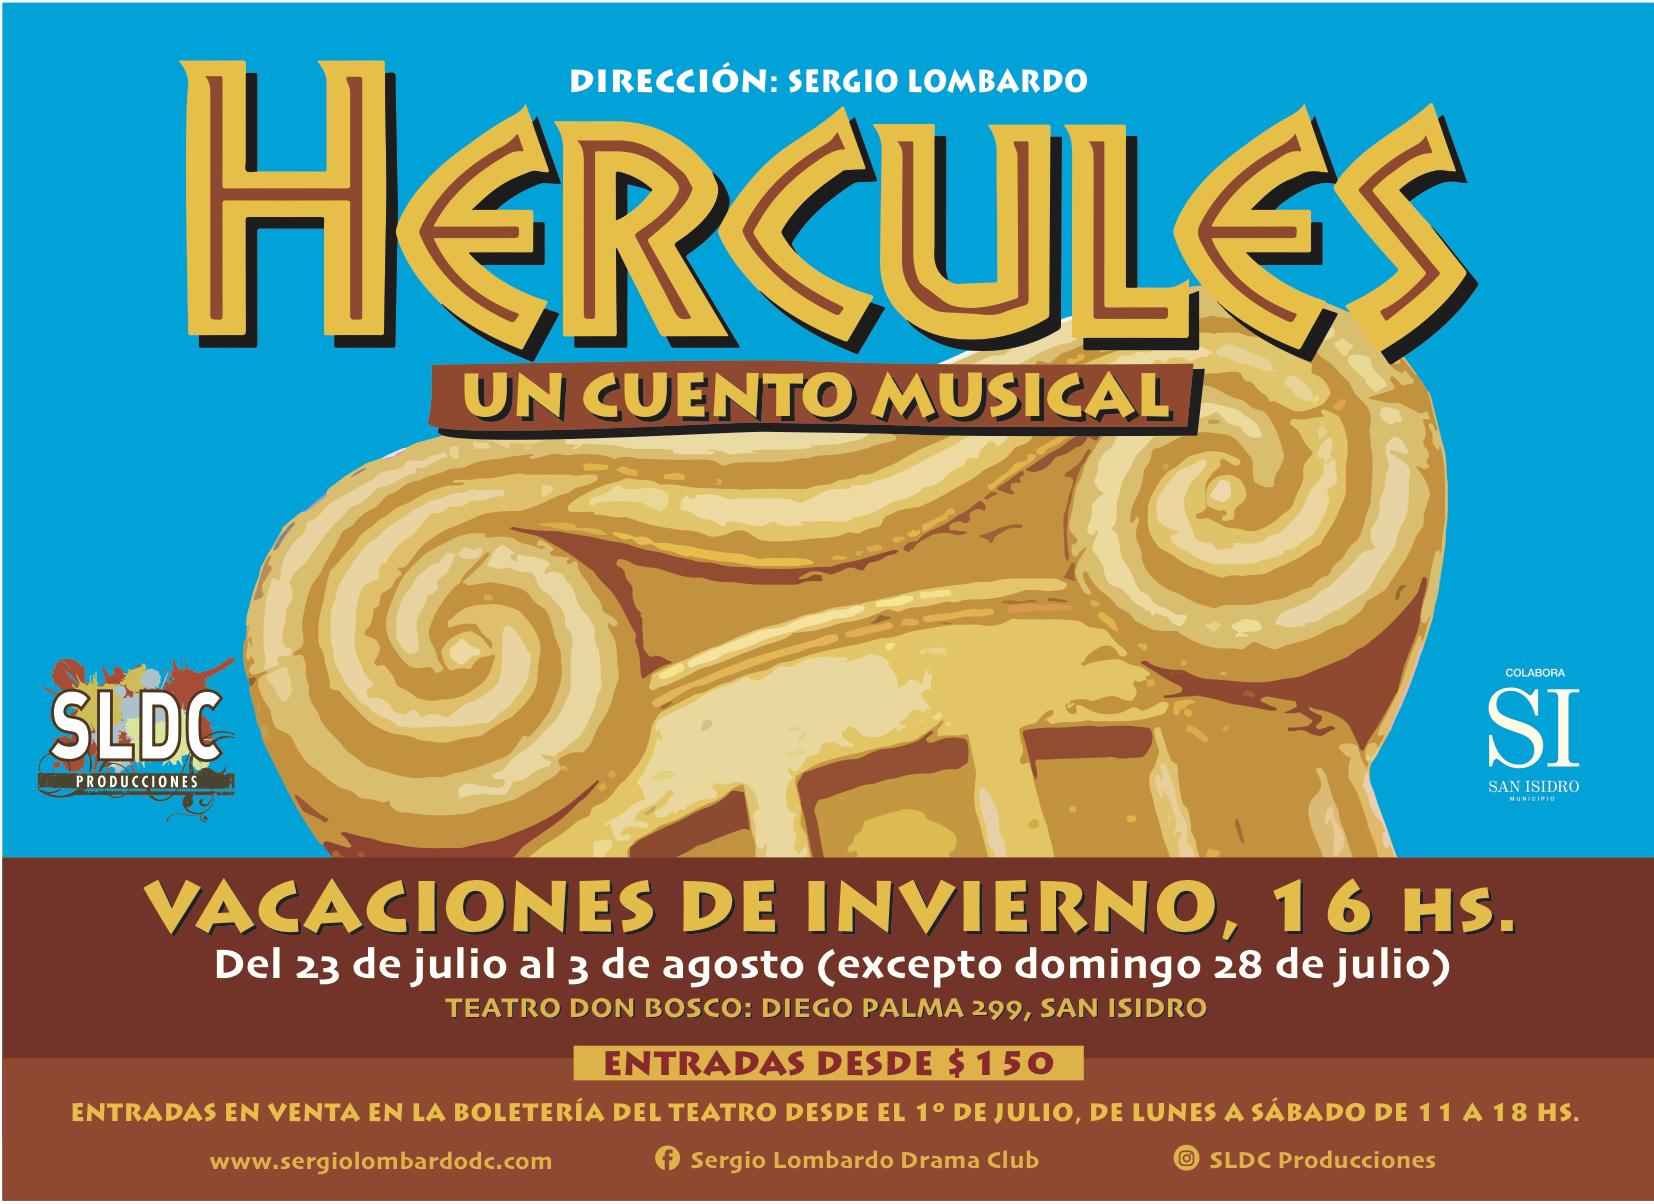 Photo of Hércules, un cuento musical en San Isidro